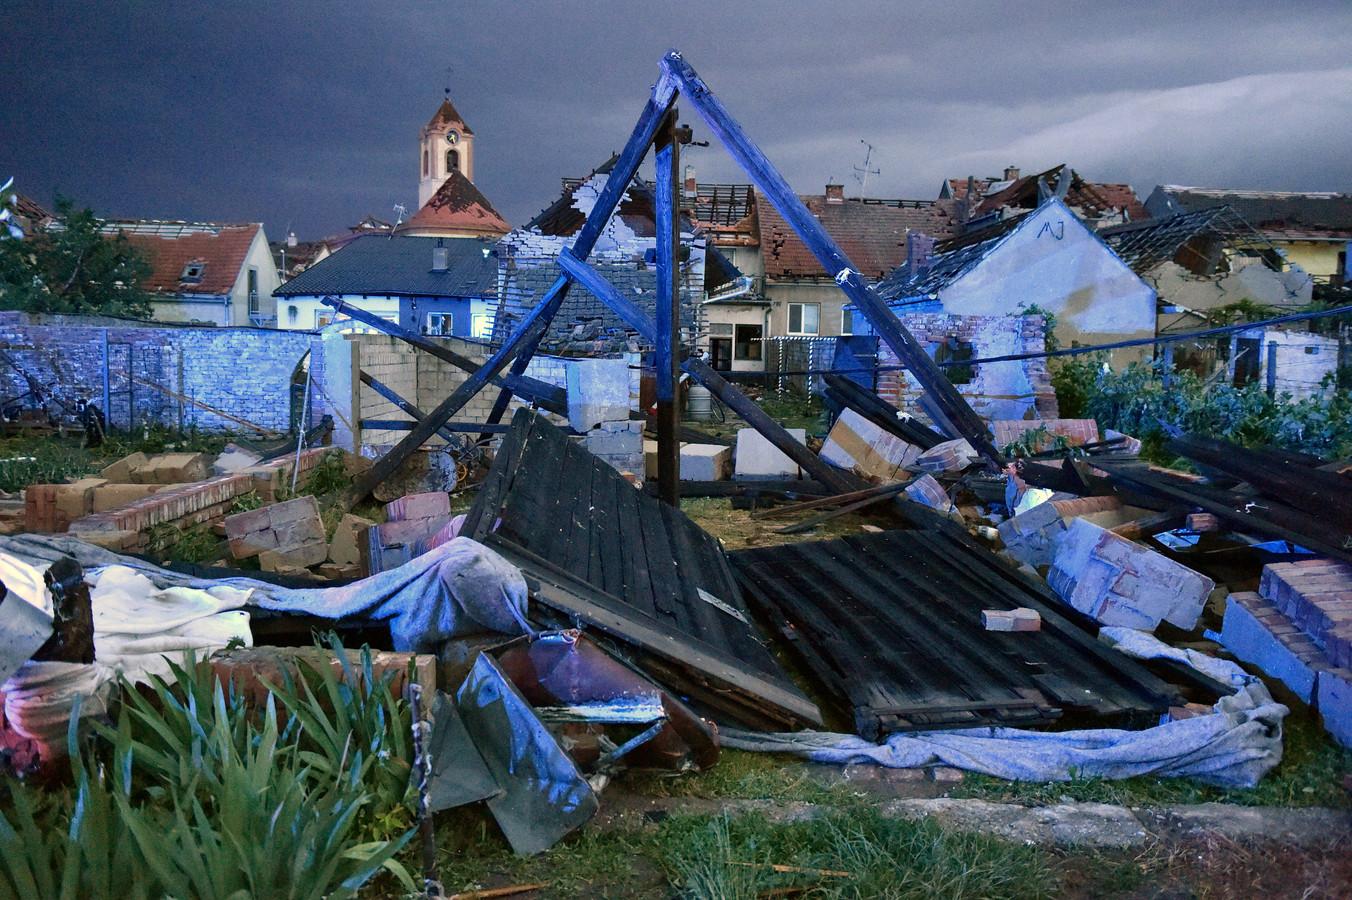 Ook in Moravska Nova Ves in het district Hodonin district in het zuiden van Tsjechië was de schade aanzienlijk.